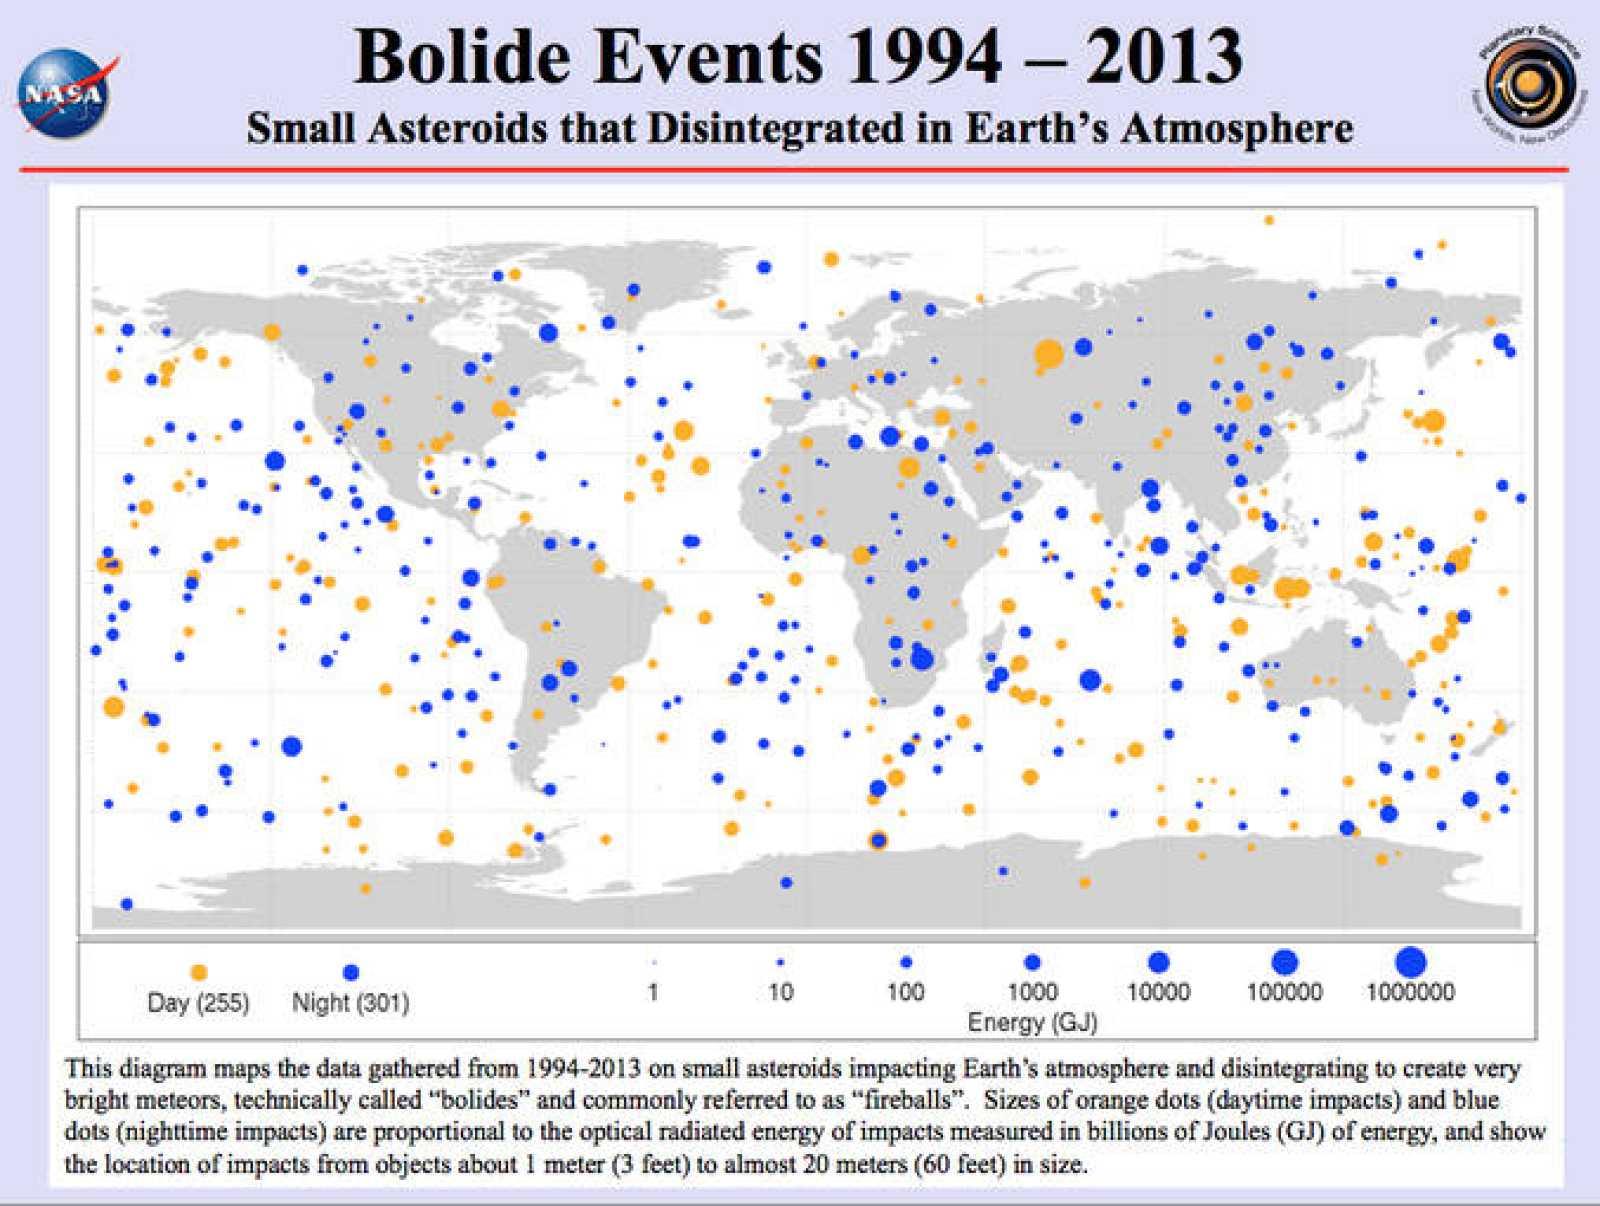 Mapa de la NASA que revela los meteoritos y asteroides caídos en la Tierra entre 1994 y 2013.